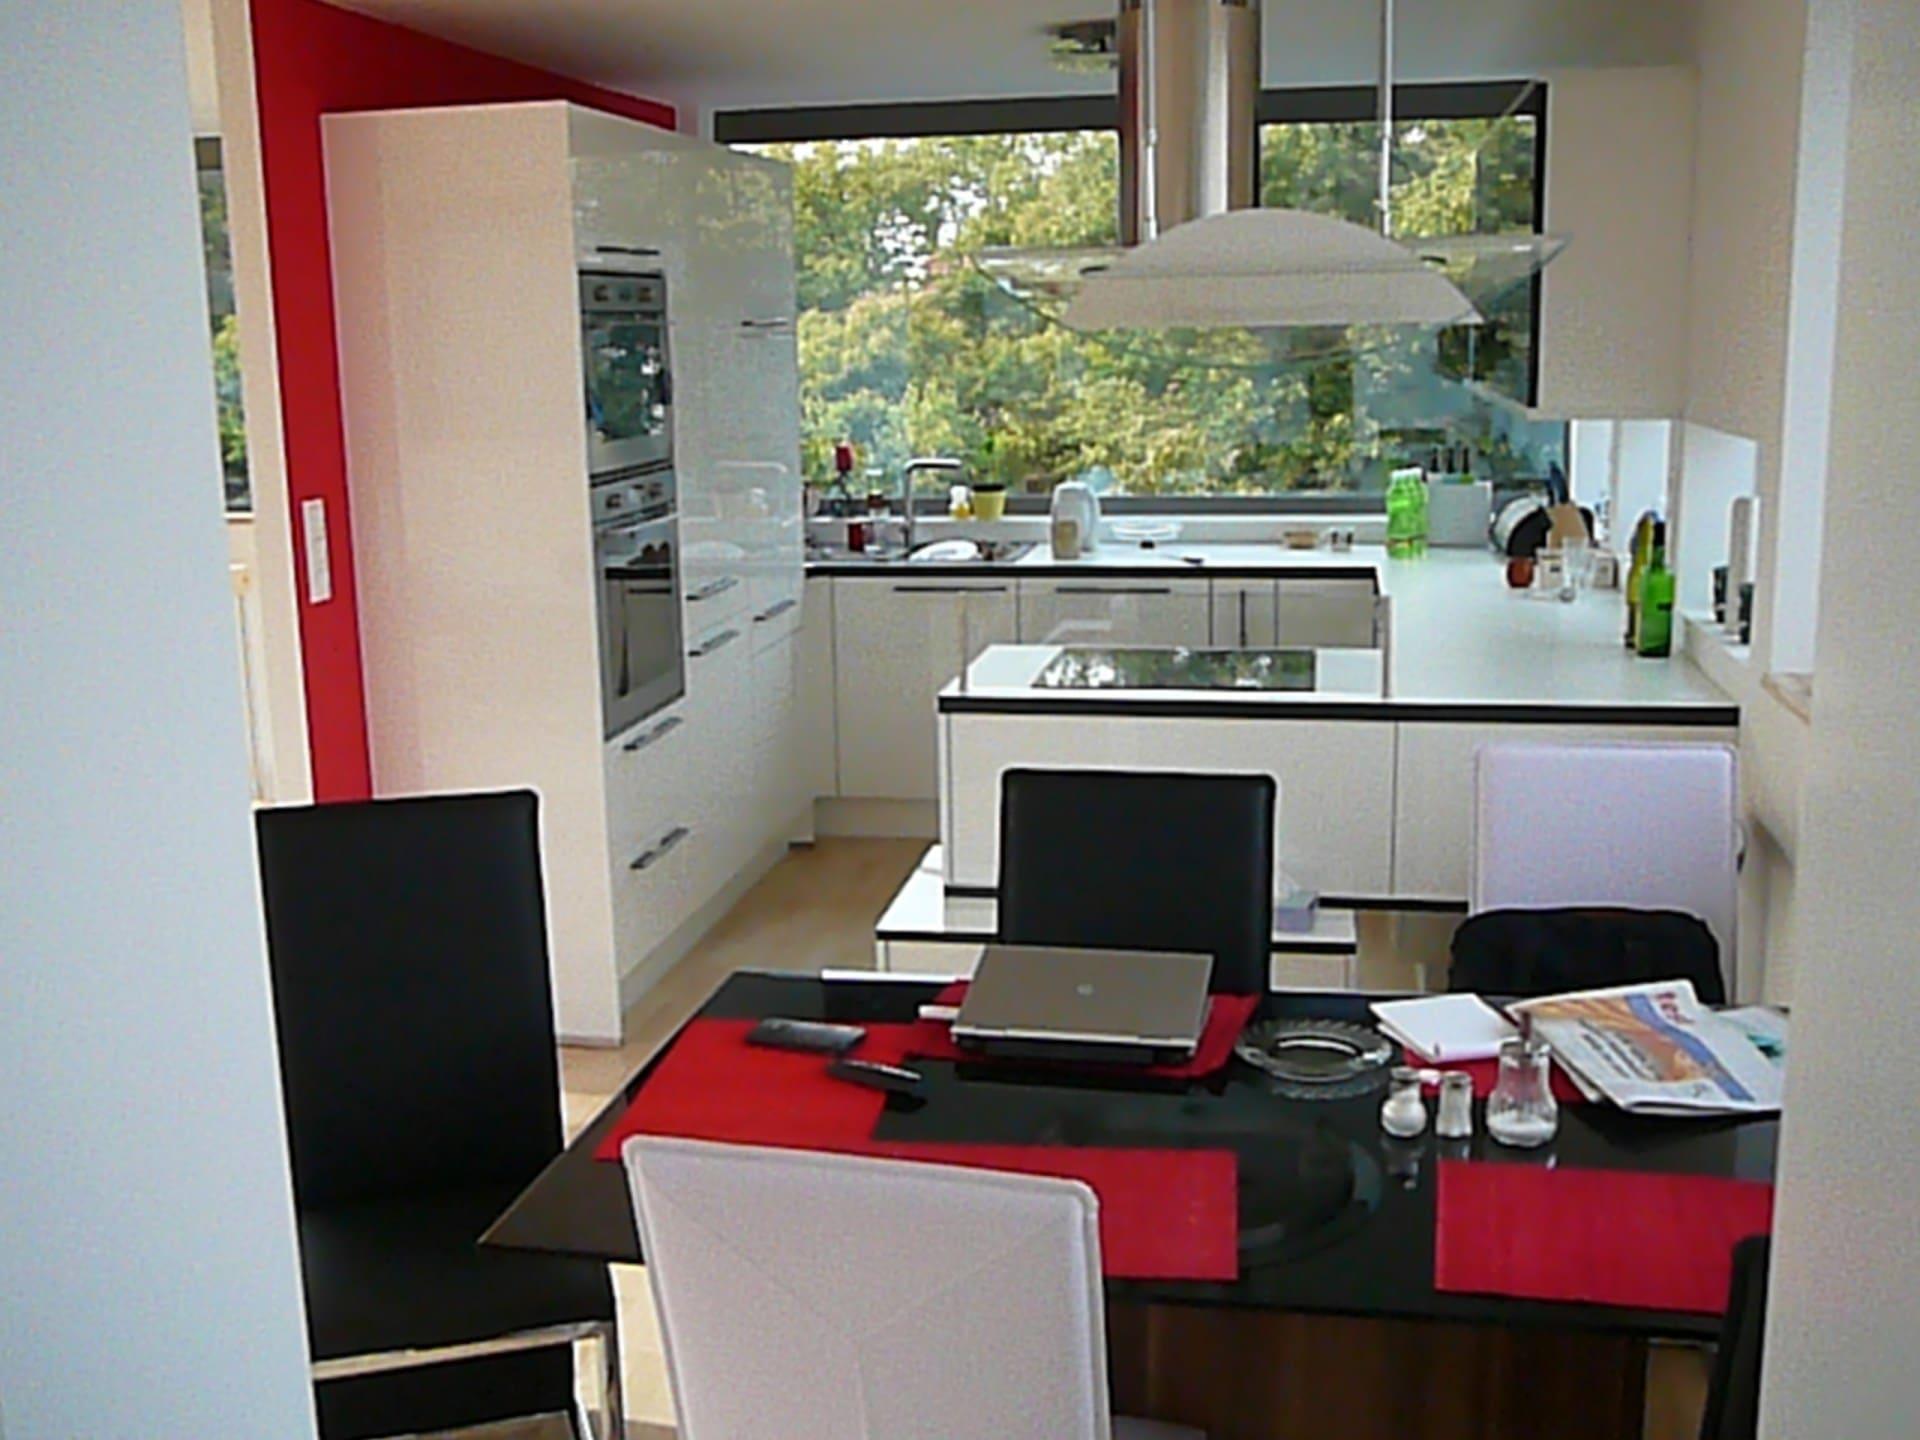 Kuchyňská linka | Truhlářství Plánice - Zakázková výroba eurooken, špaletových oken, dveří a kuchyňských linek linka